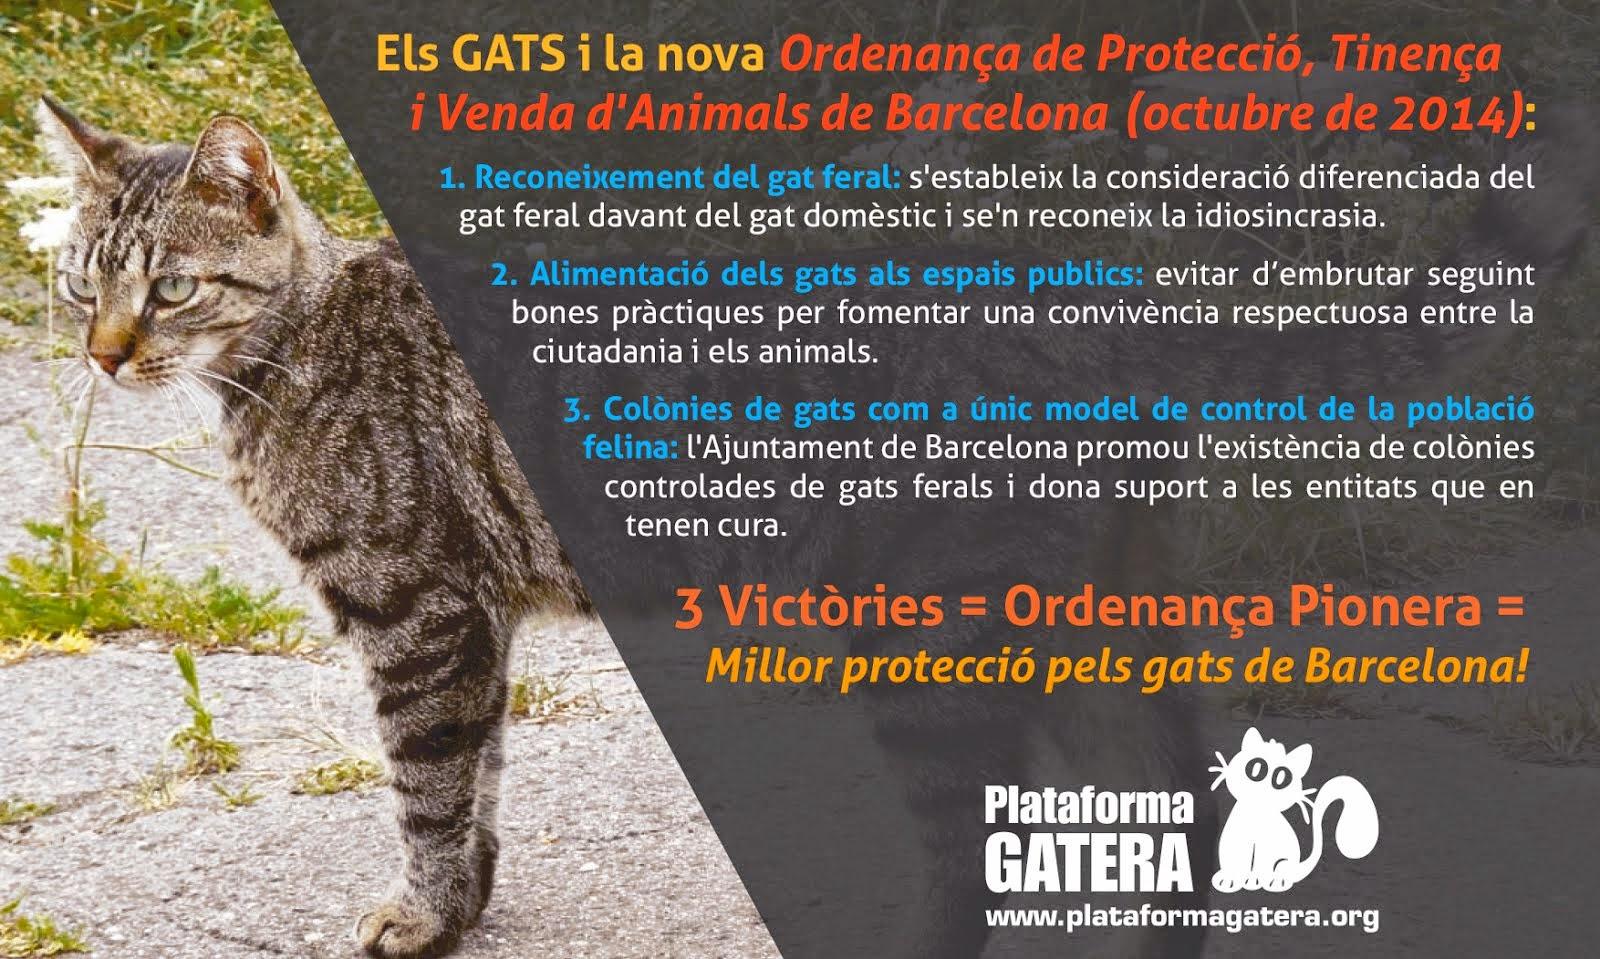 Nova Ordenança de Protecció, Tinença i Venda d'Animals a Barcelona